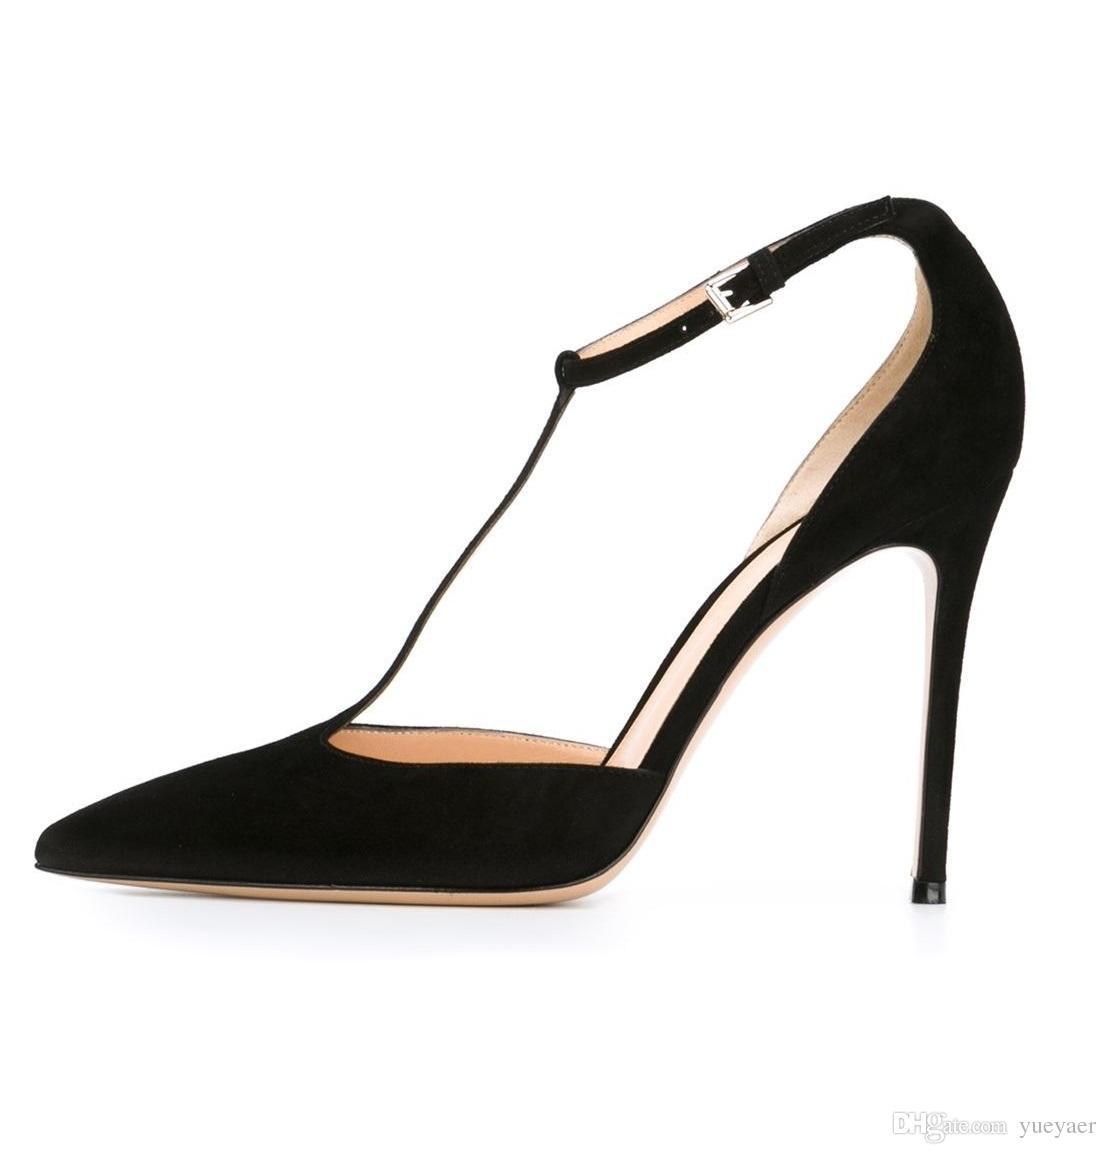 Zandina Bayan Moda El Yapımı T-kayışı Toka Ayak Bileği Kayışı Sivri Burun 100mm Yüksek Topuk Parti Balo Akşam Pompaları Stiletto Ayakkabı Siyah K330